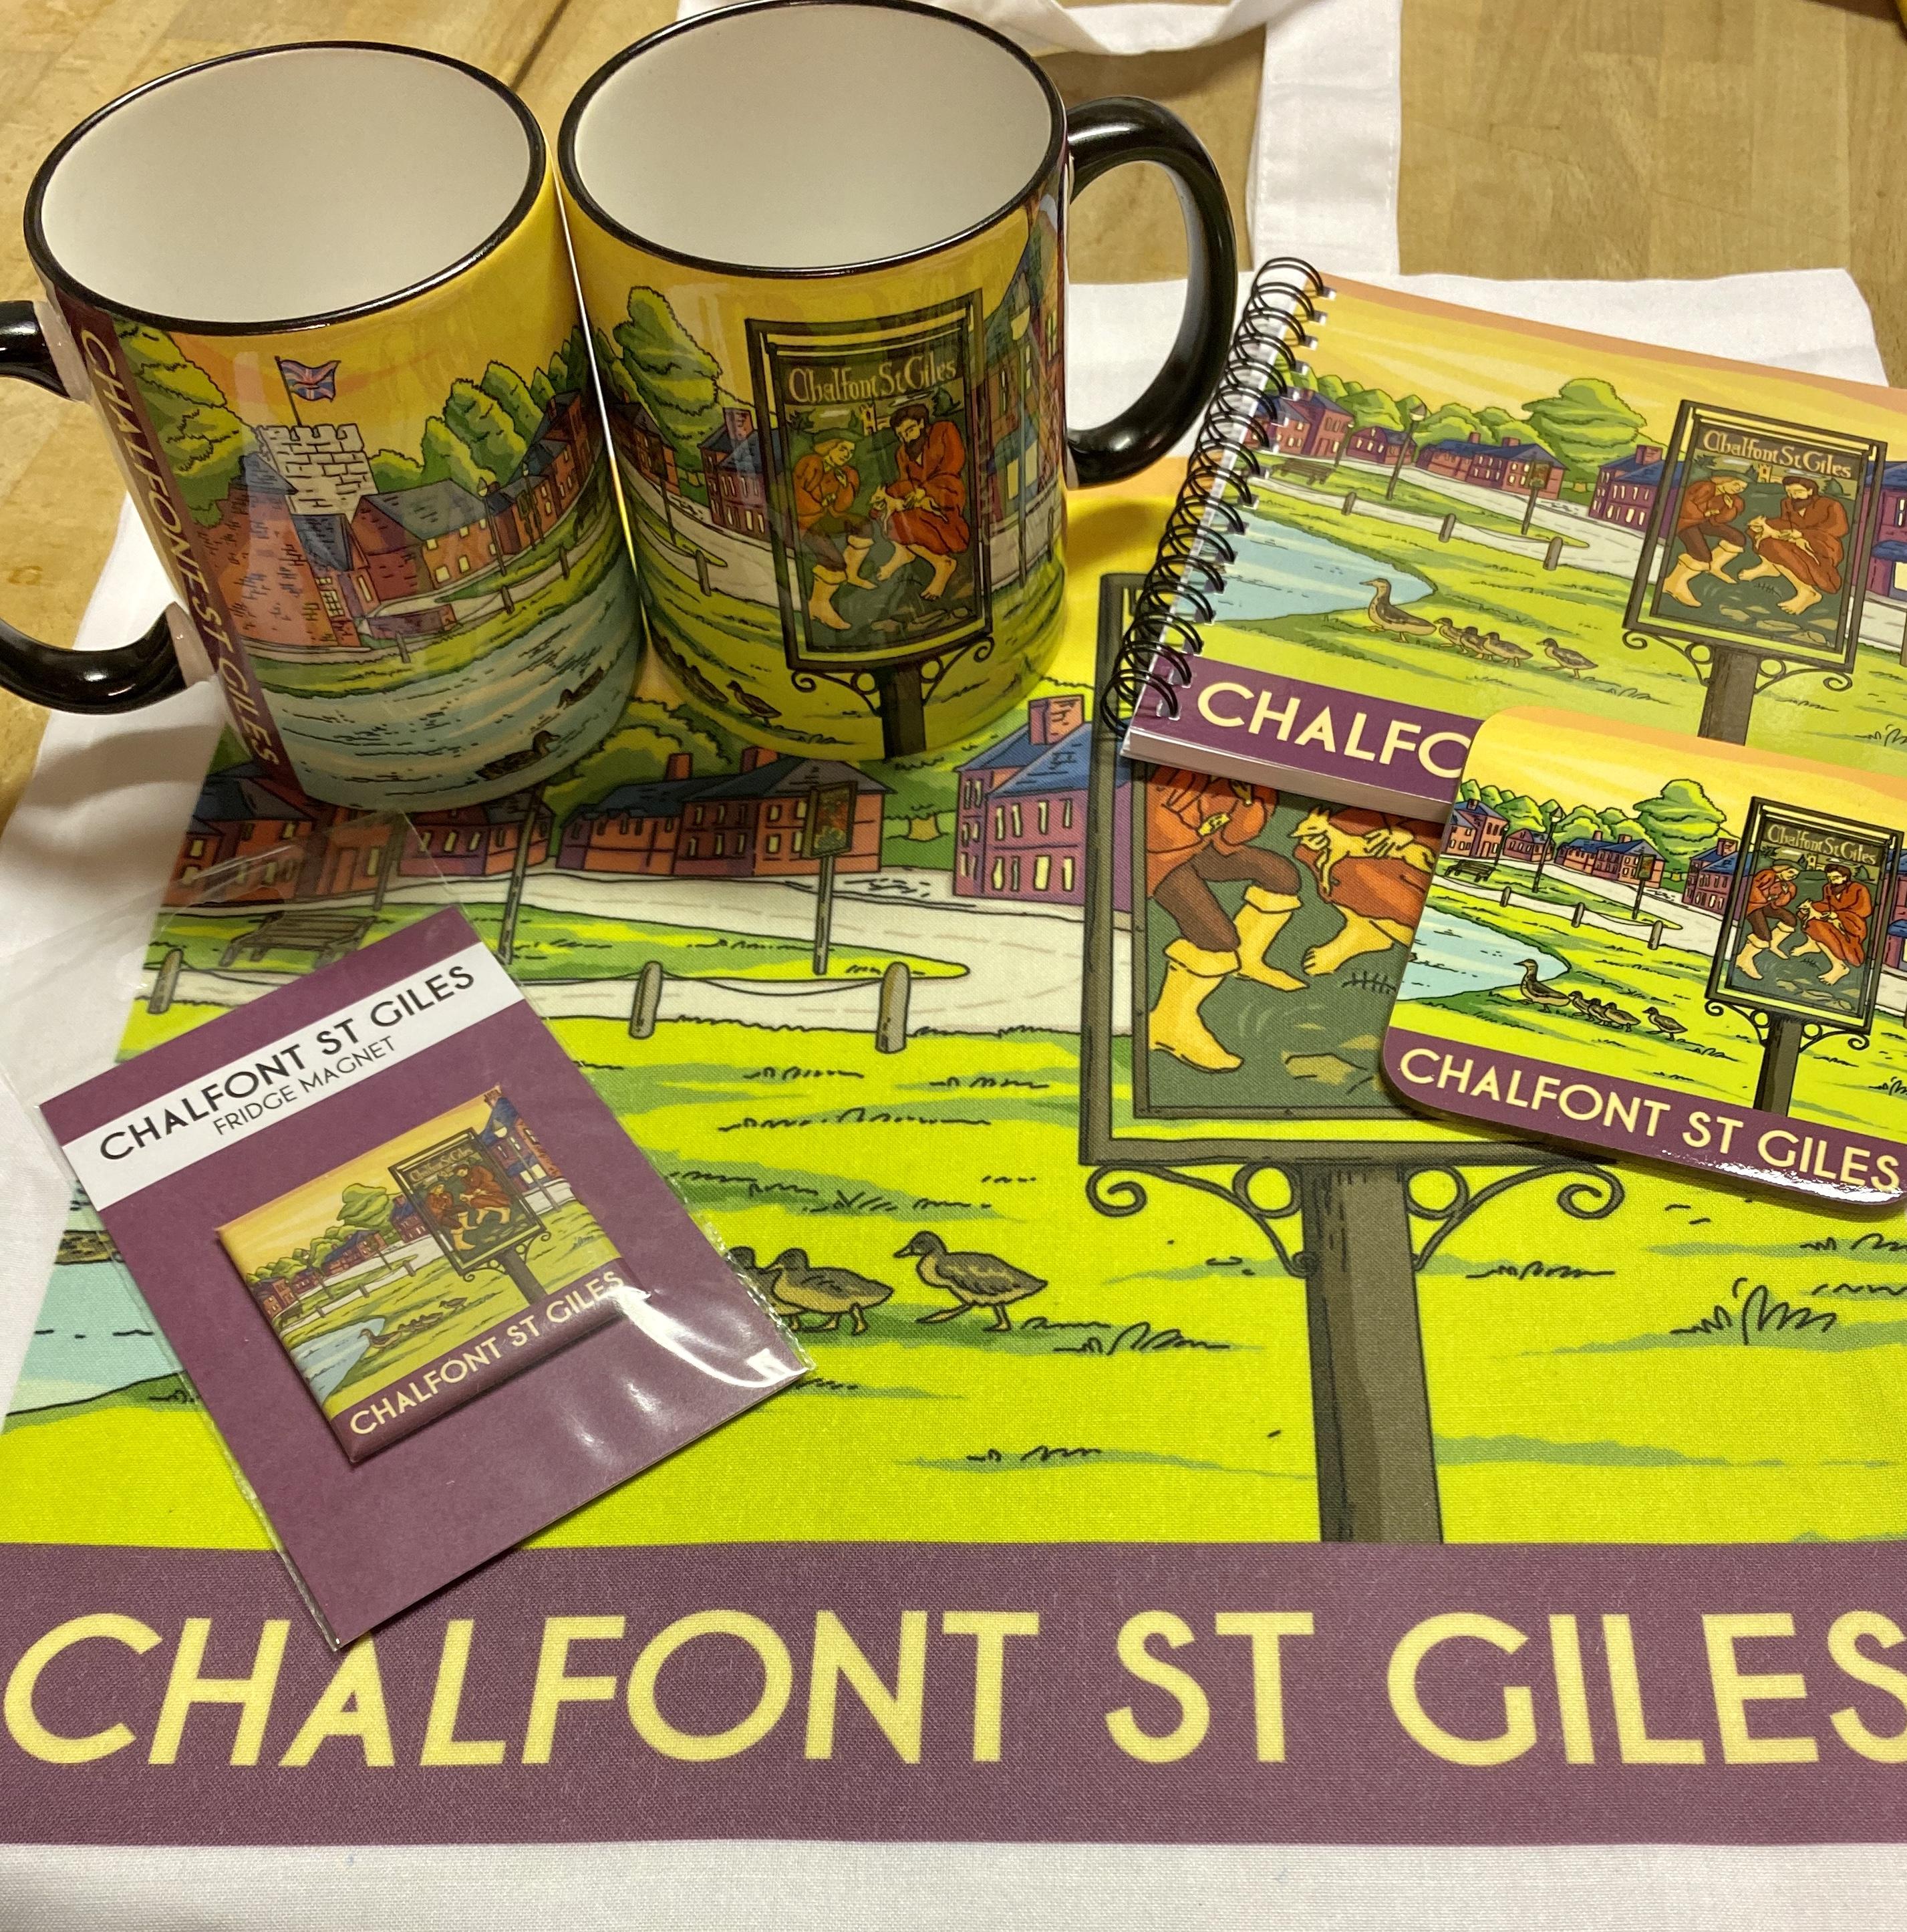 Chalfont St Giles vintage art tea towel